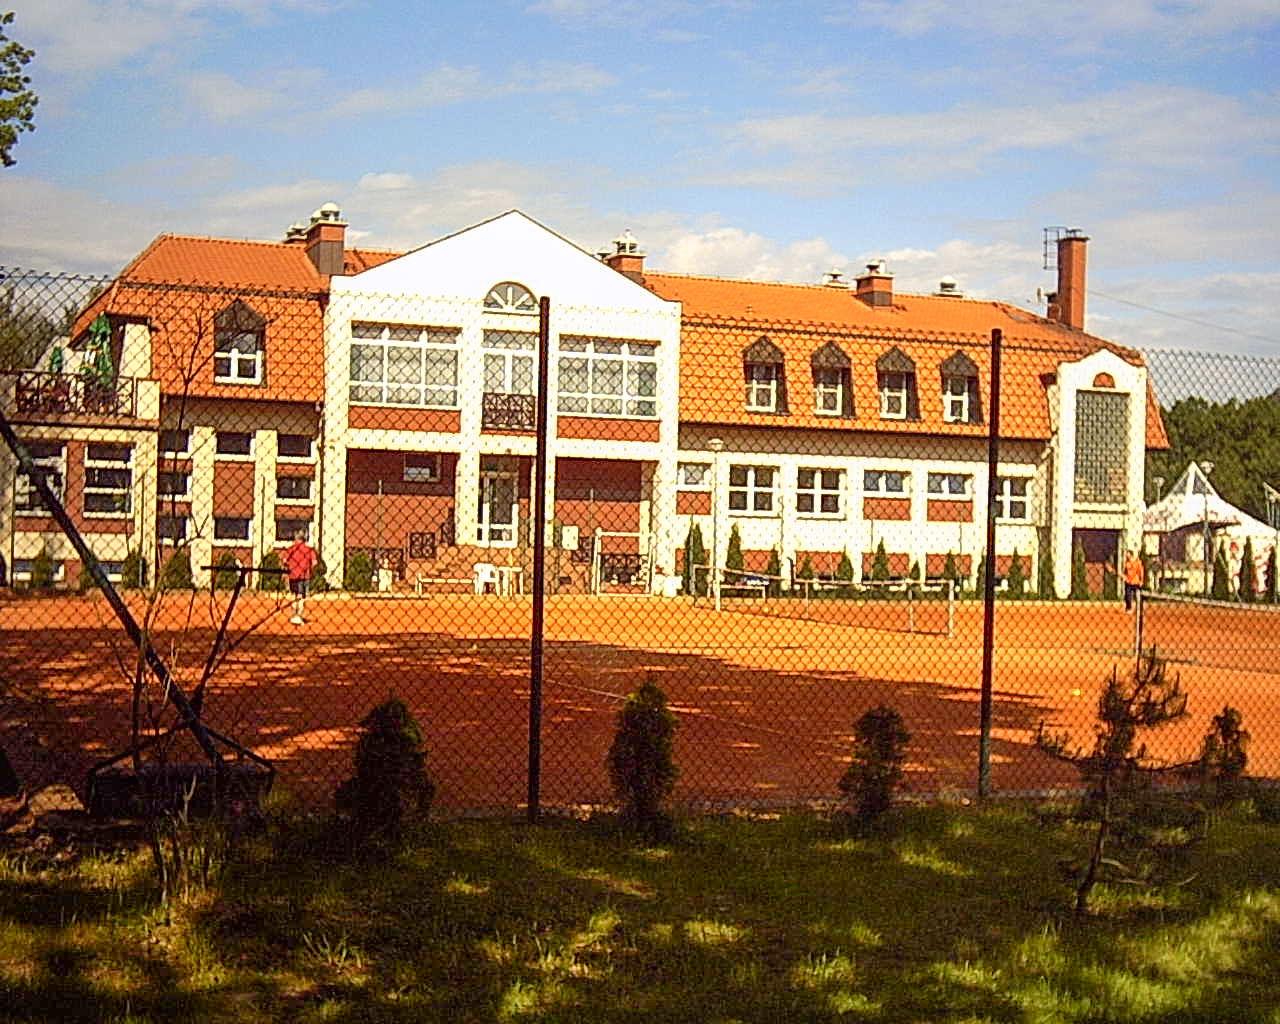 widok na korty tenisowe ceglane i budynek pawilonu rekreacyjno-sportowego